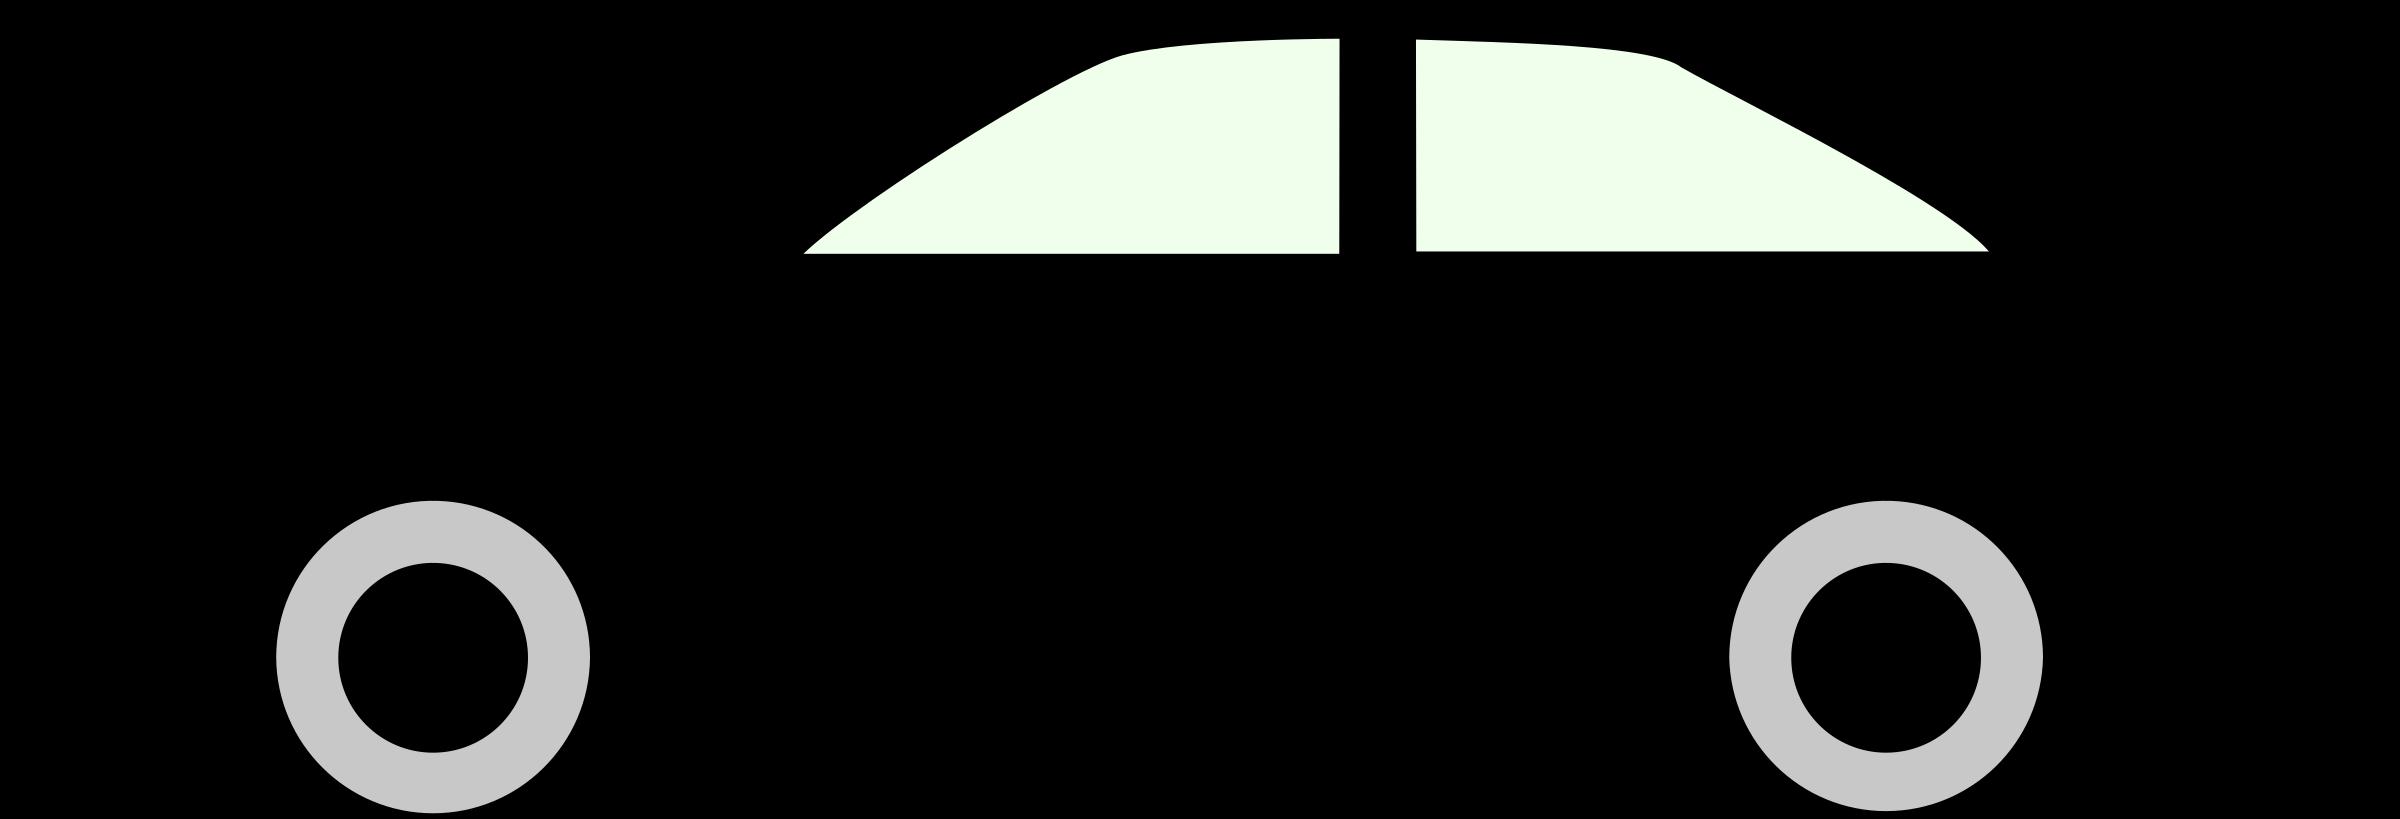 Трафареты на торты машины